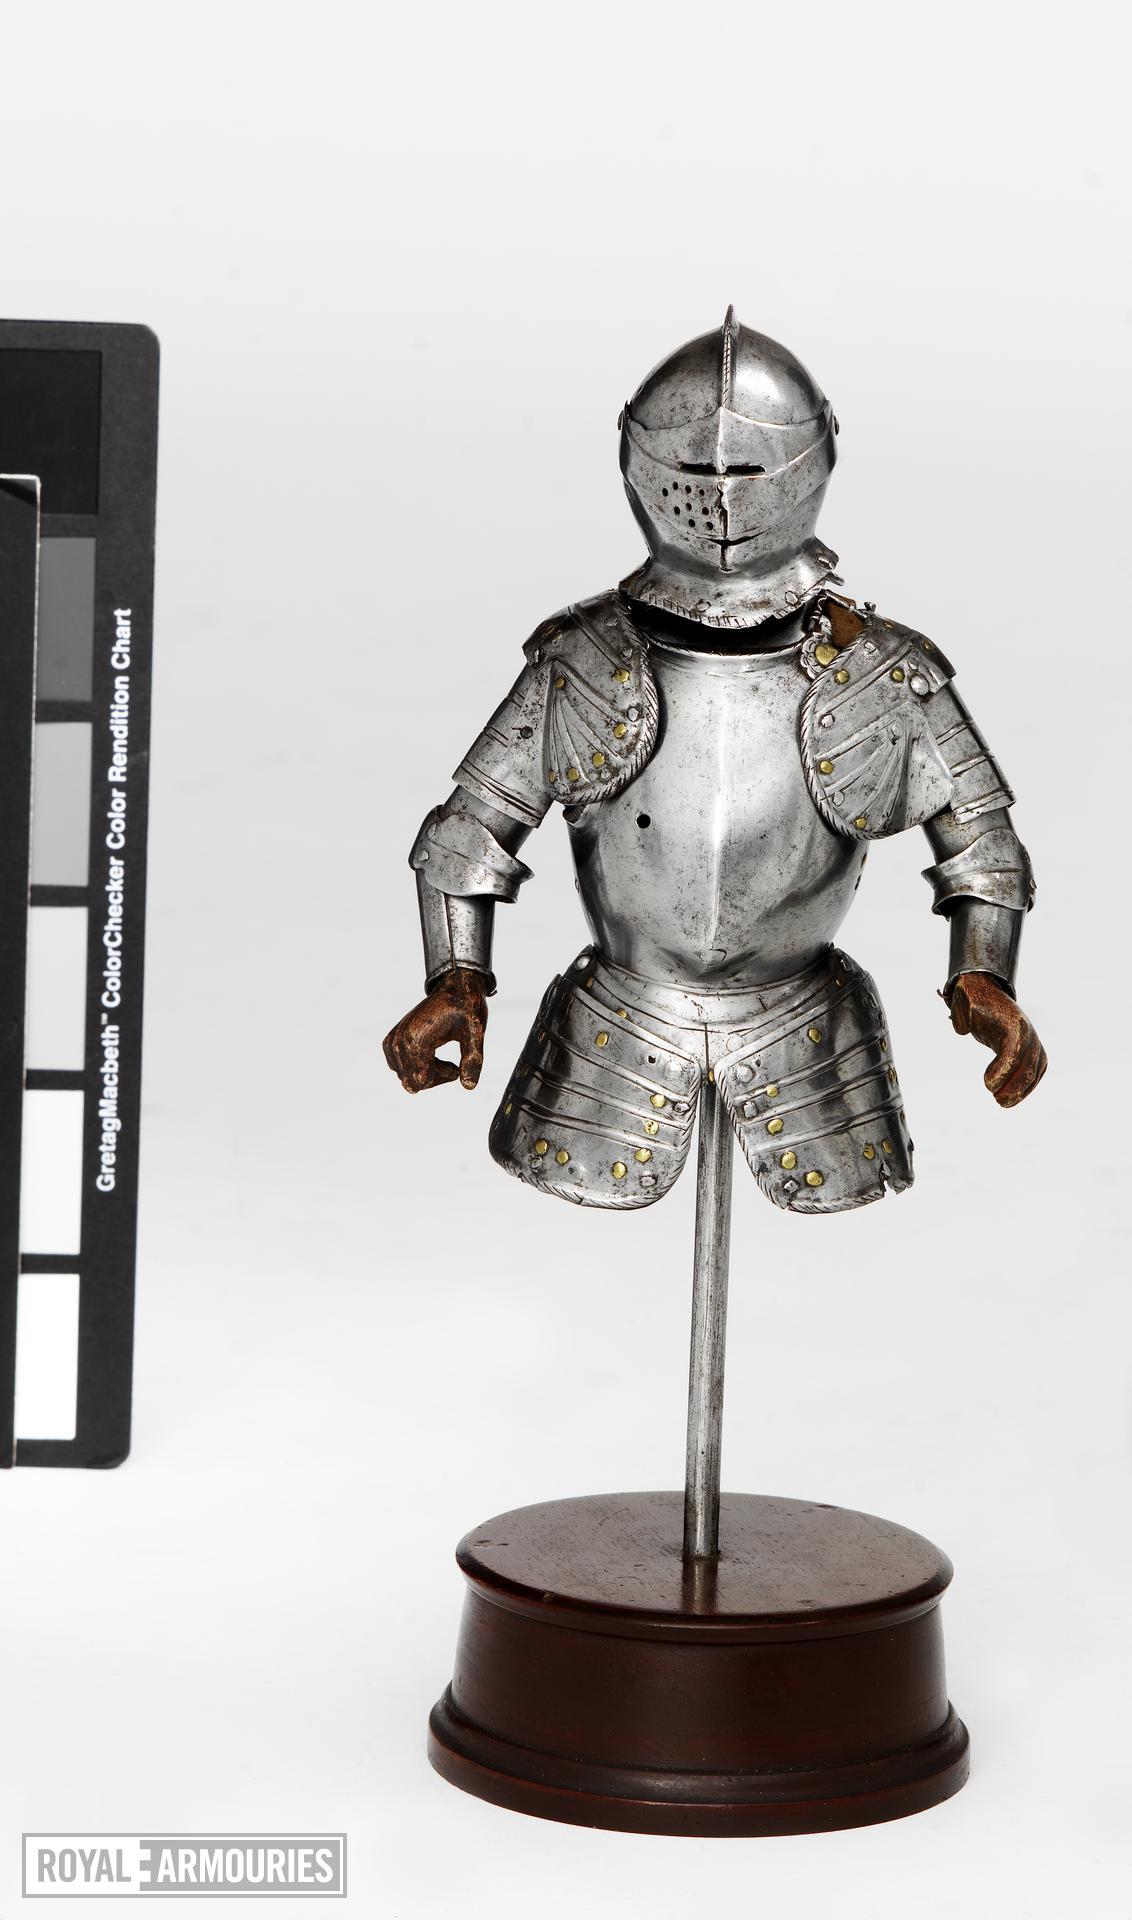 Miniature half armour